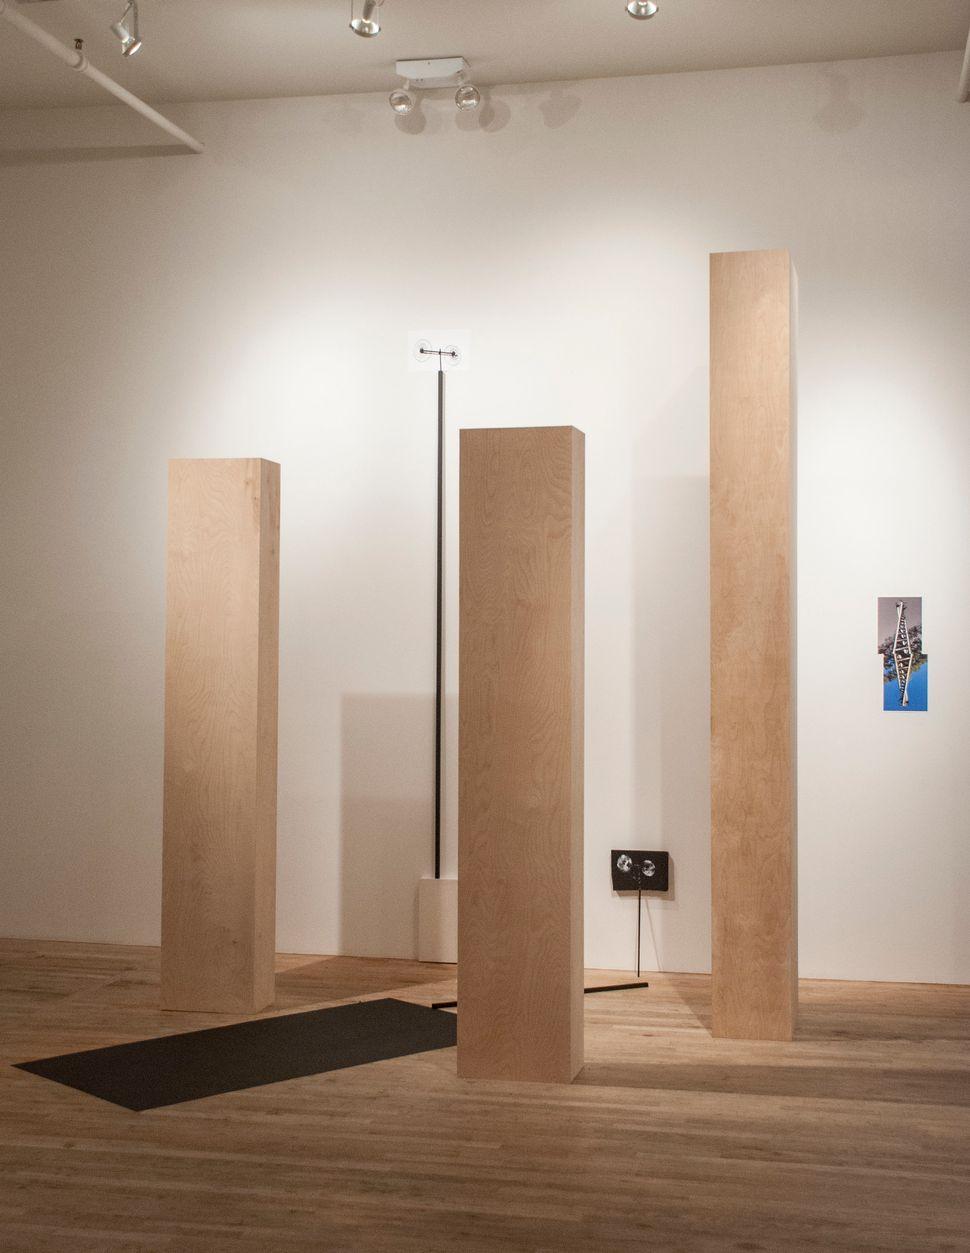 Esperanza Mayobre  Hueco, palo, bloque, antena (or the  story of a Golindano antenna). 2014  wood, hydrocal, silkscreen, phot